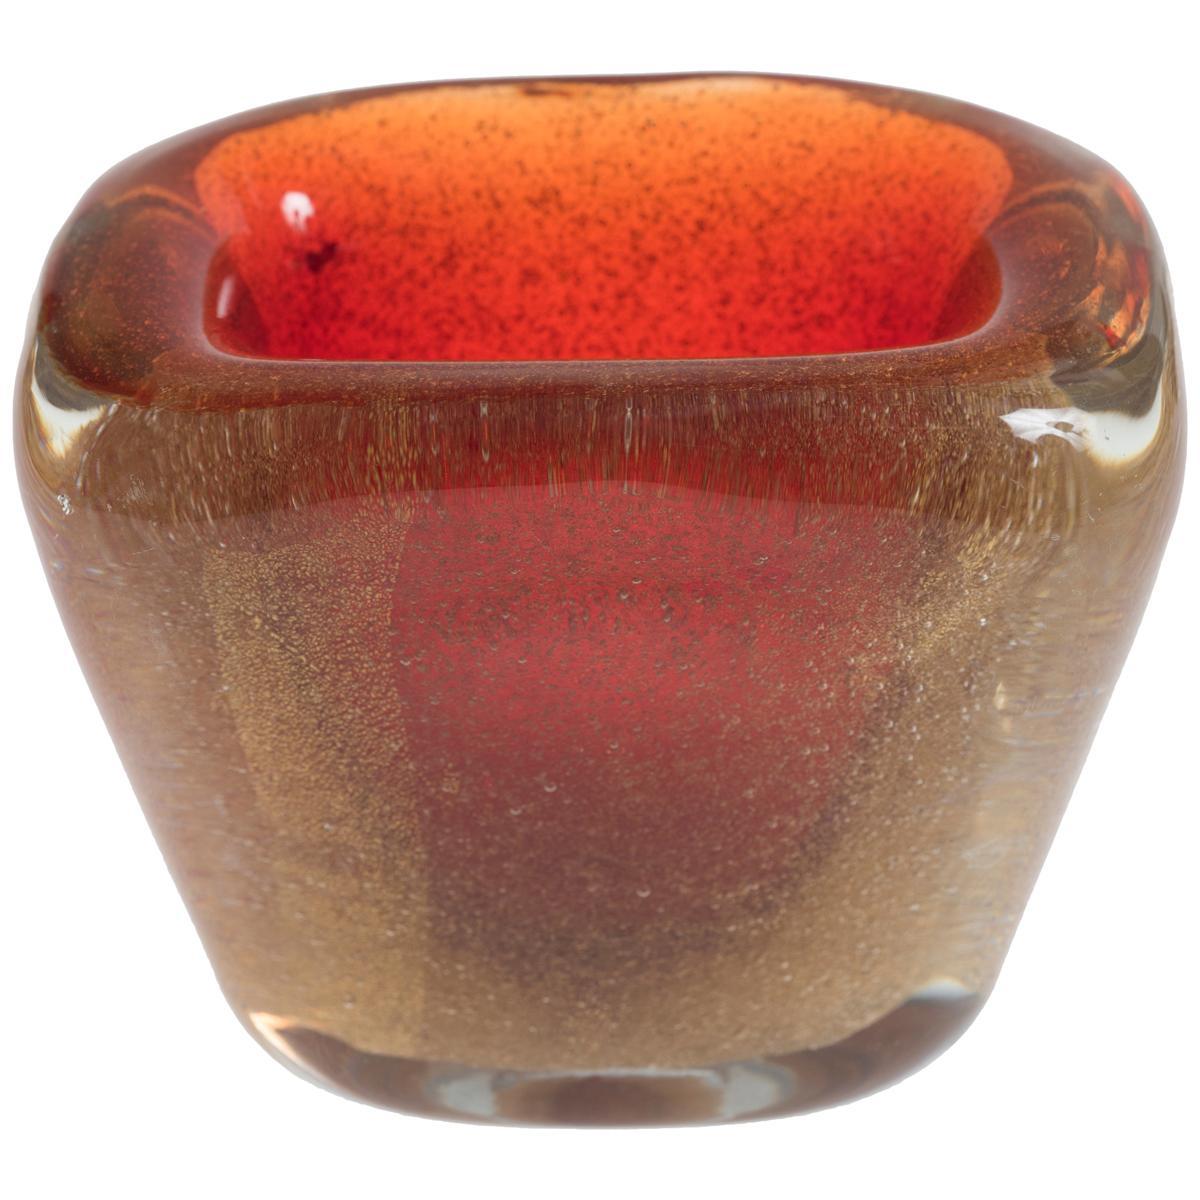 Vintage Orange Murano Vase by Carlo Scarpa, circa 1955